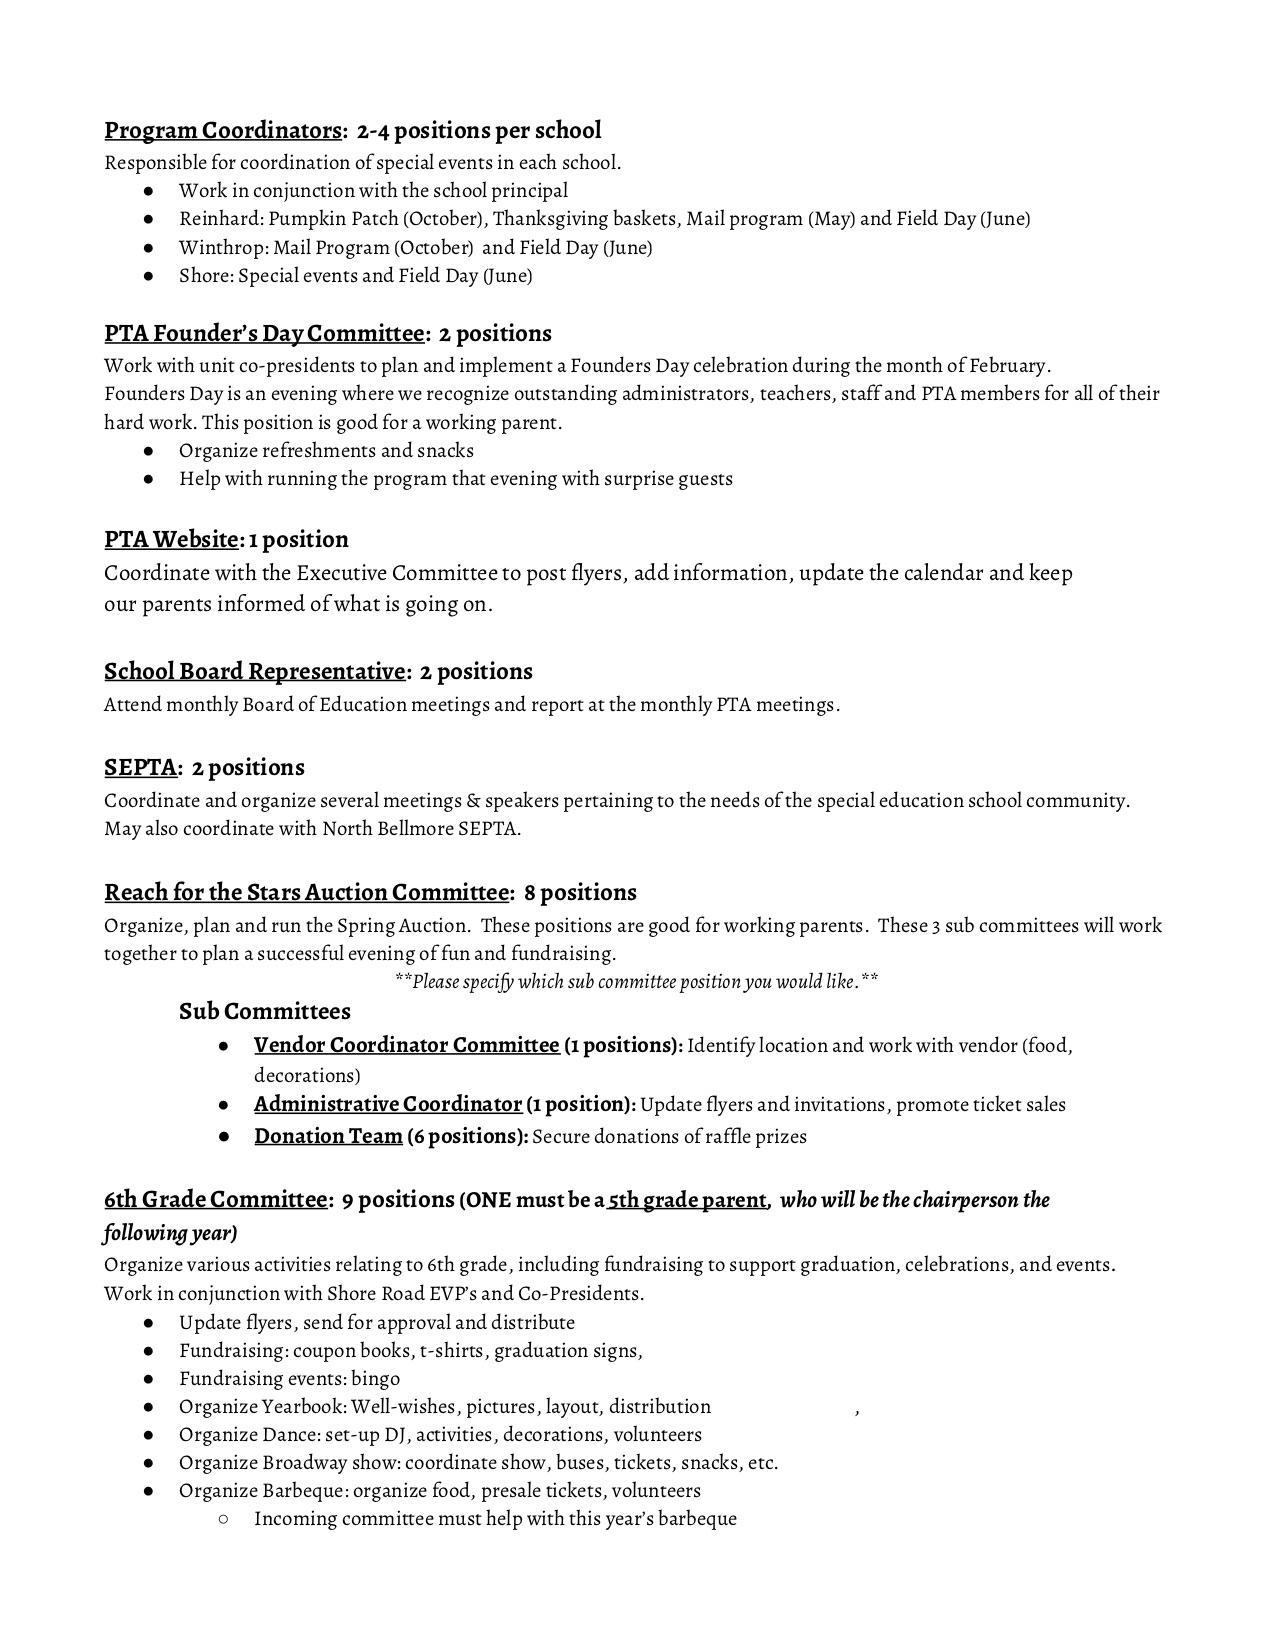 PTA Committee Descriptions